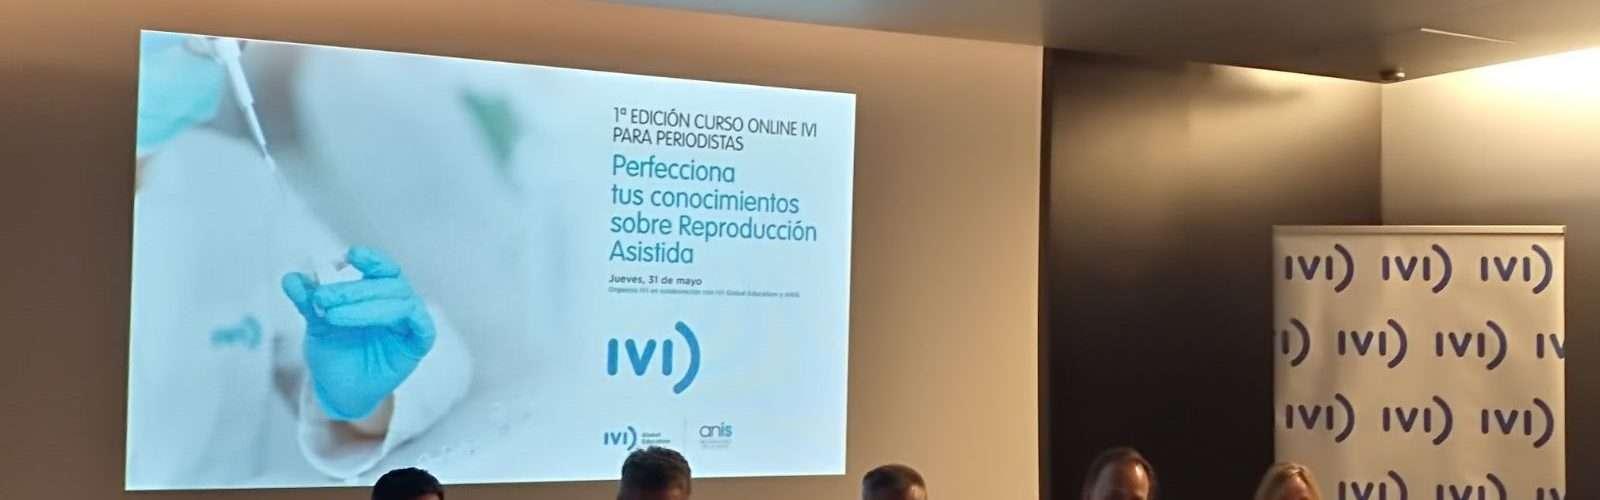 curso IVI de reproducción asistida para periodistas